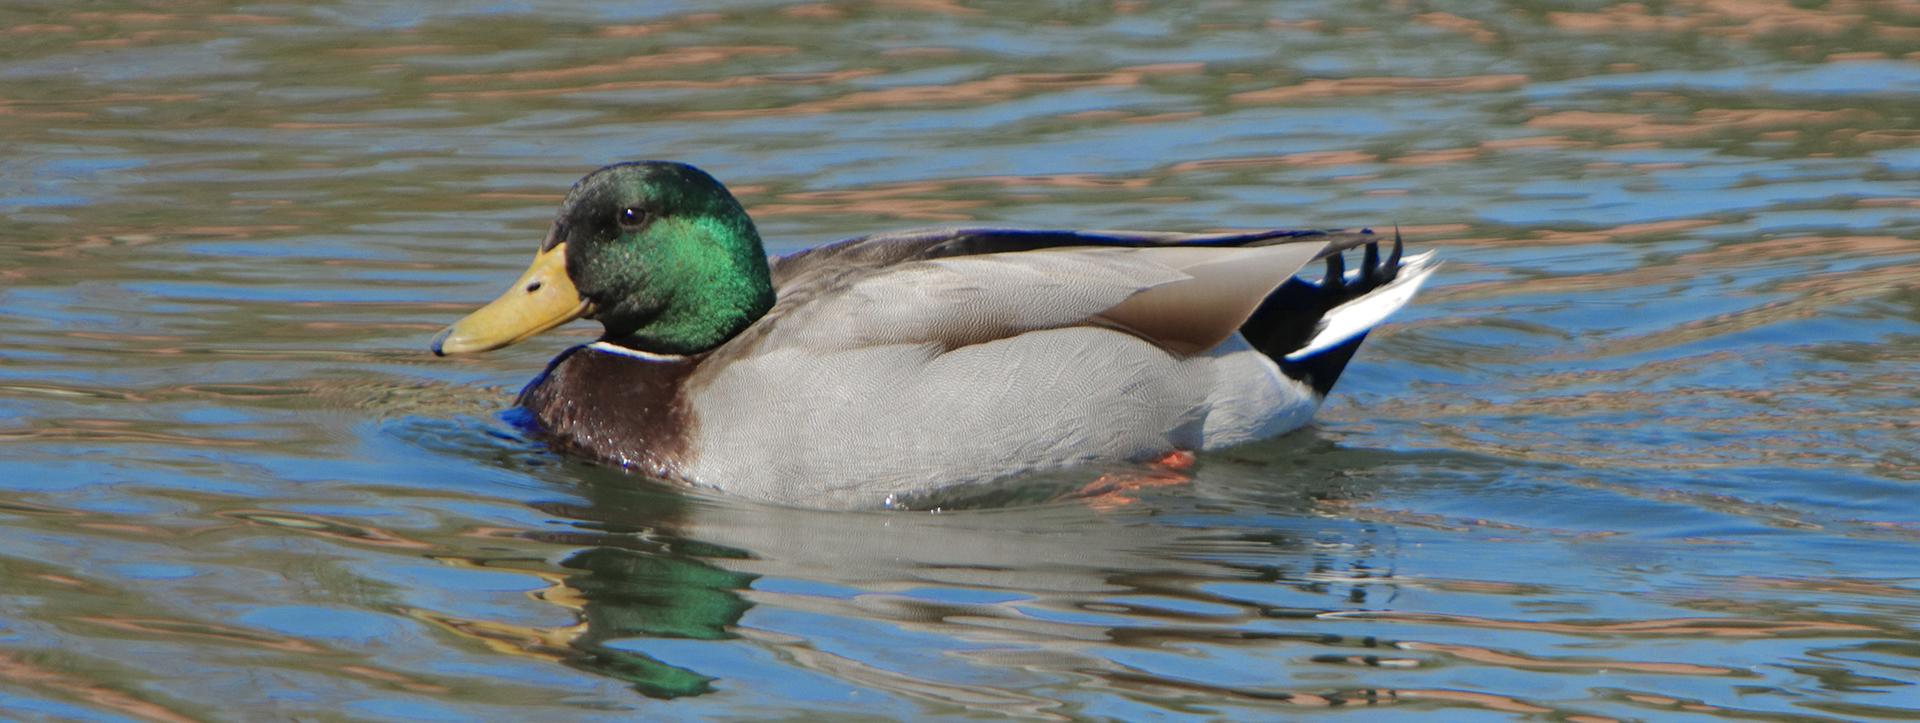 Duck-6590-1x3-W